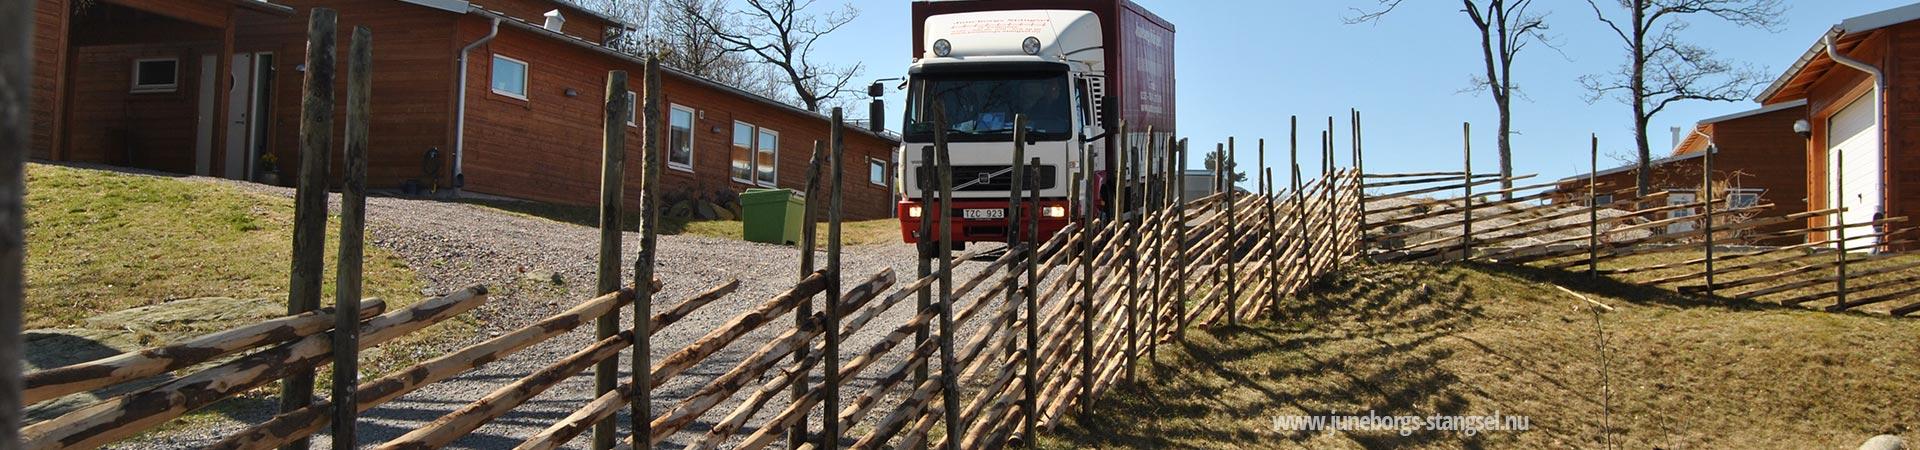 Staket stängsel staket : SmÃ¥landsstaket för alla miljöer